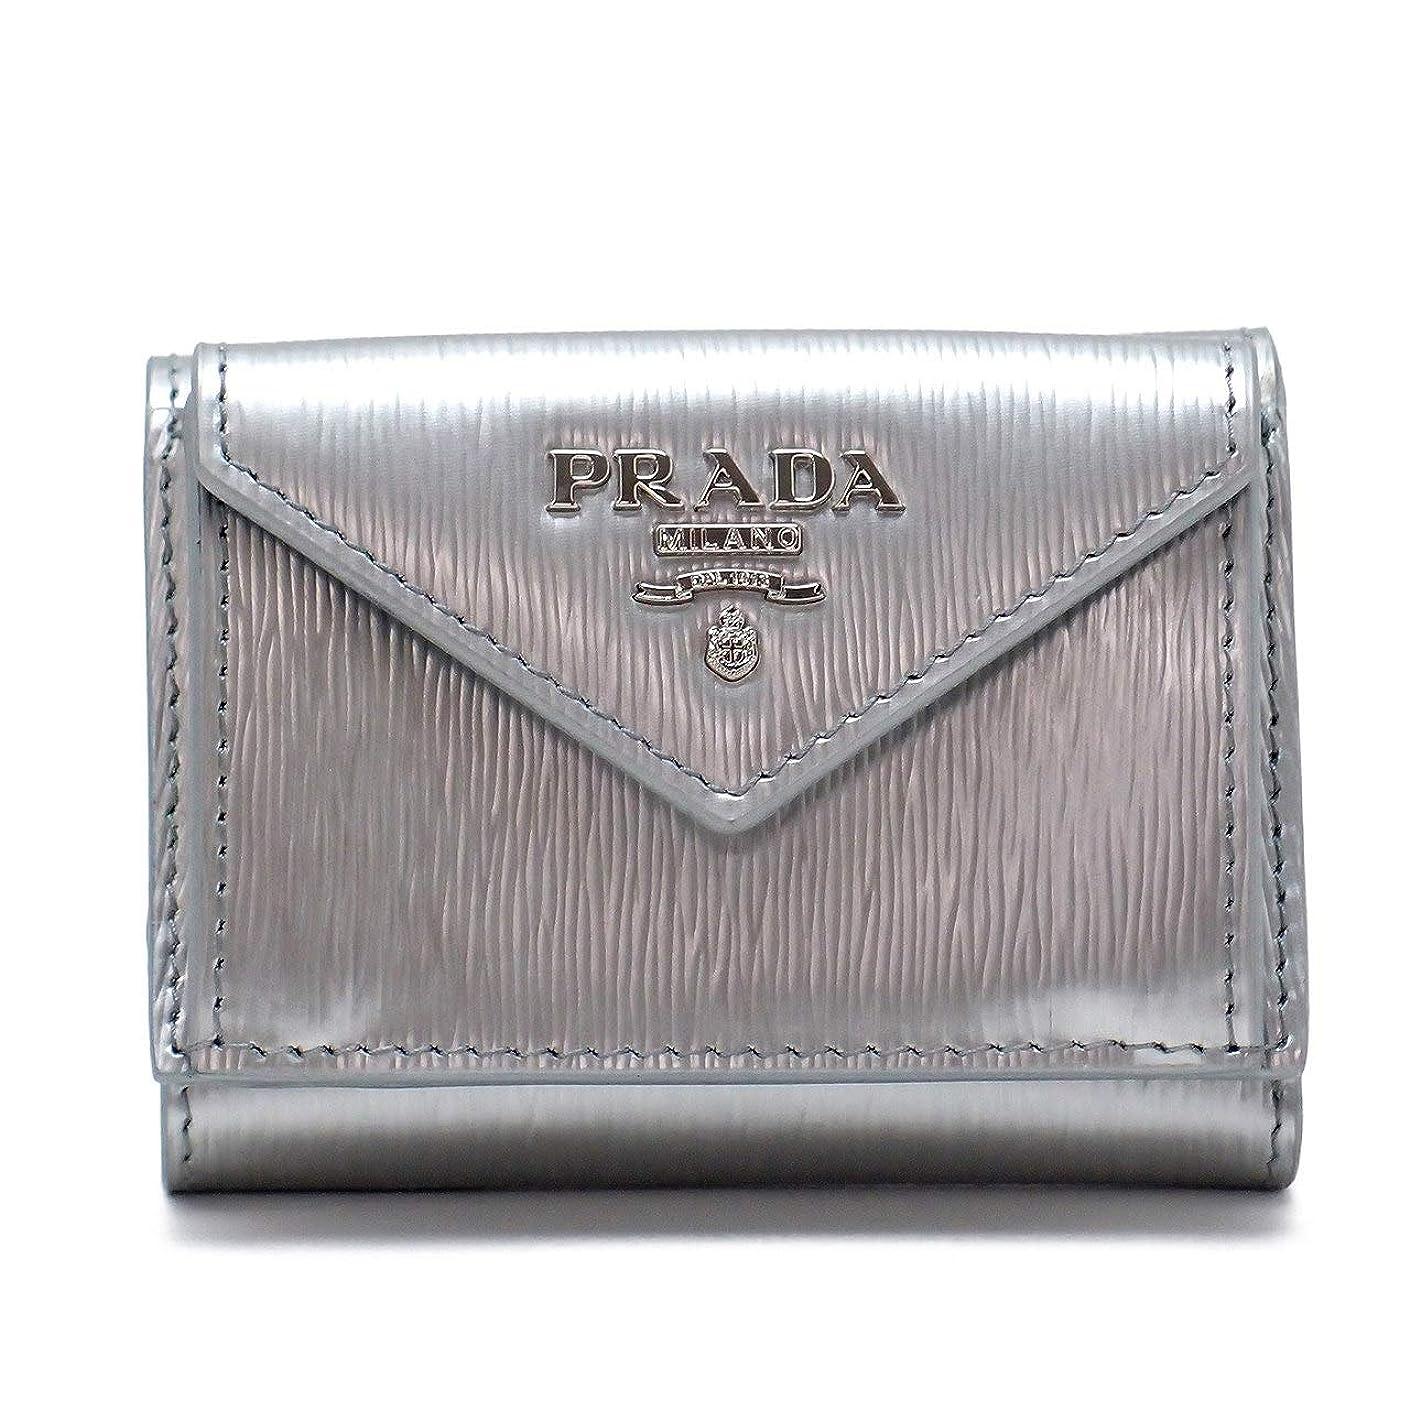 トラフ性交アシスタント[プラダ] PRADA 財布 三つ折り財布 レディース VITELLO MOVE 1MH021-2EZZ-F0135 [アウトレット品] [並行輸入品]